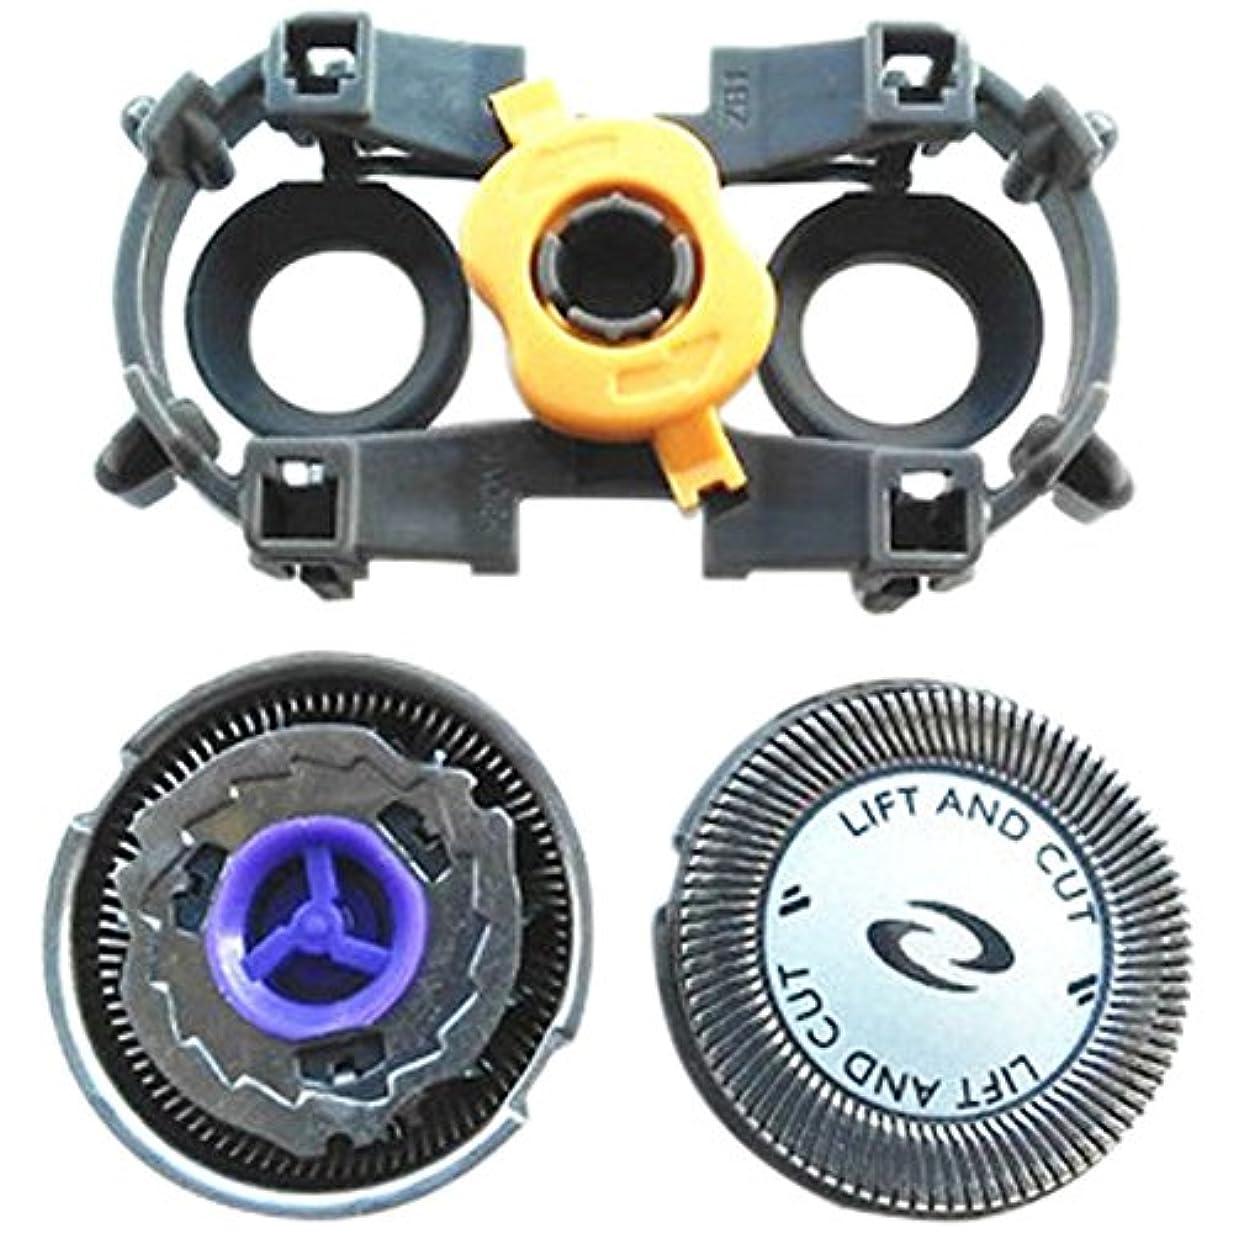 腰アマチュア風刺Hzjundasi 置換 シェーバー 頭 刃/キャリーバッグ/フォイル カッター HQ56 for Philips PQ210 PQ216